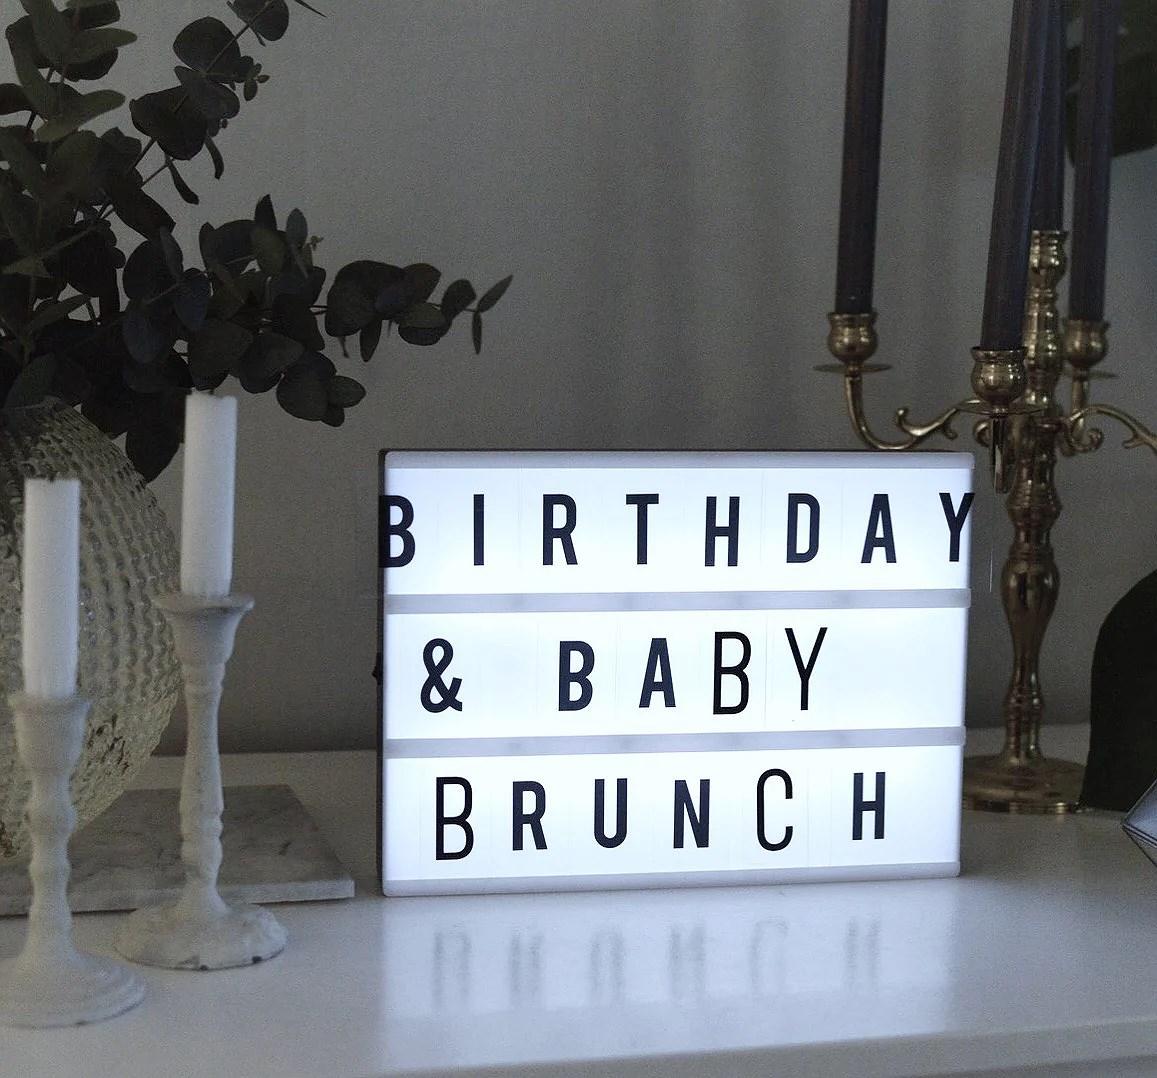 BIRTHDAY AND BABY BRUNCH